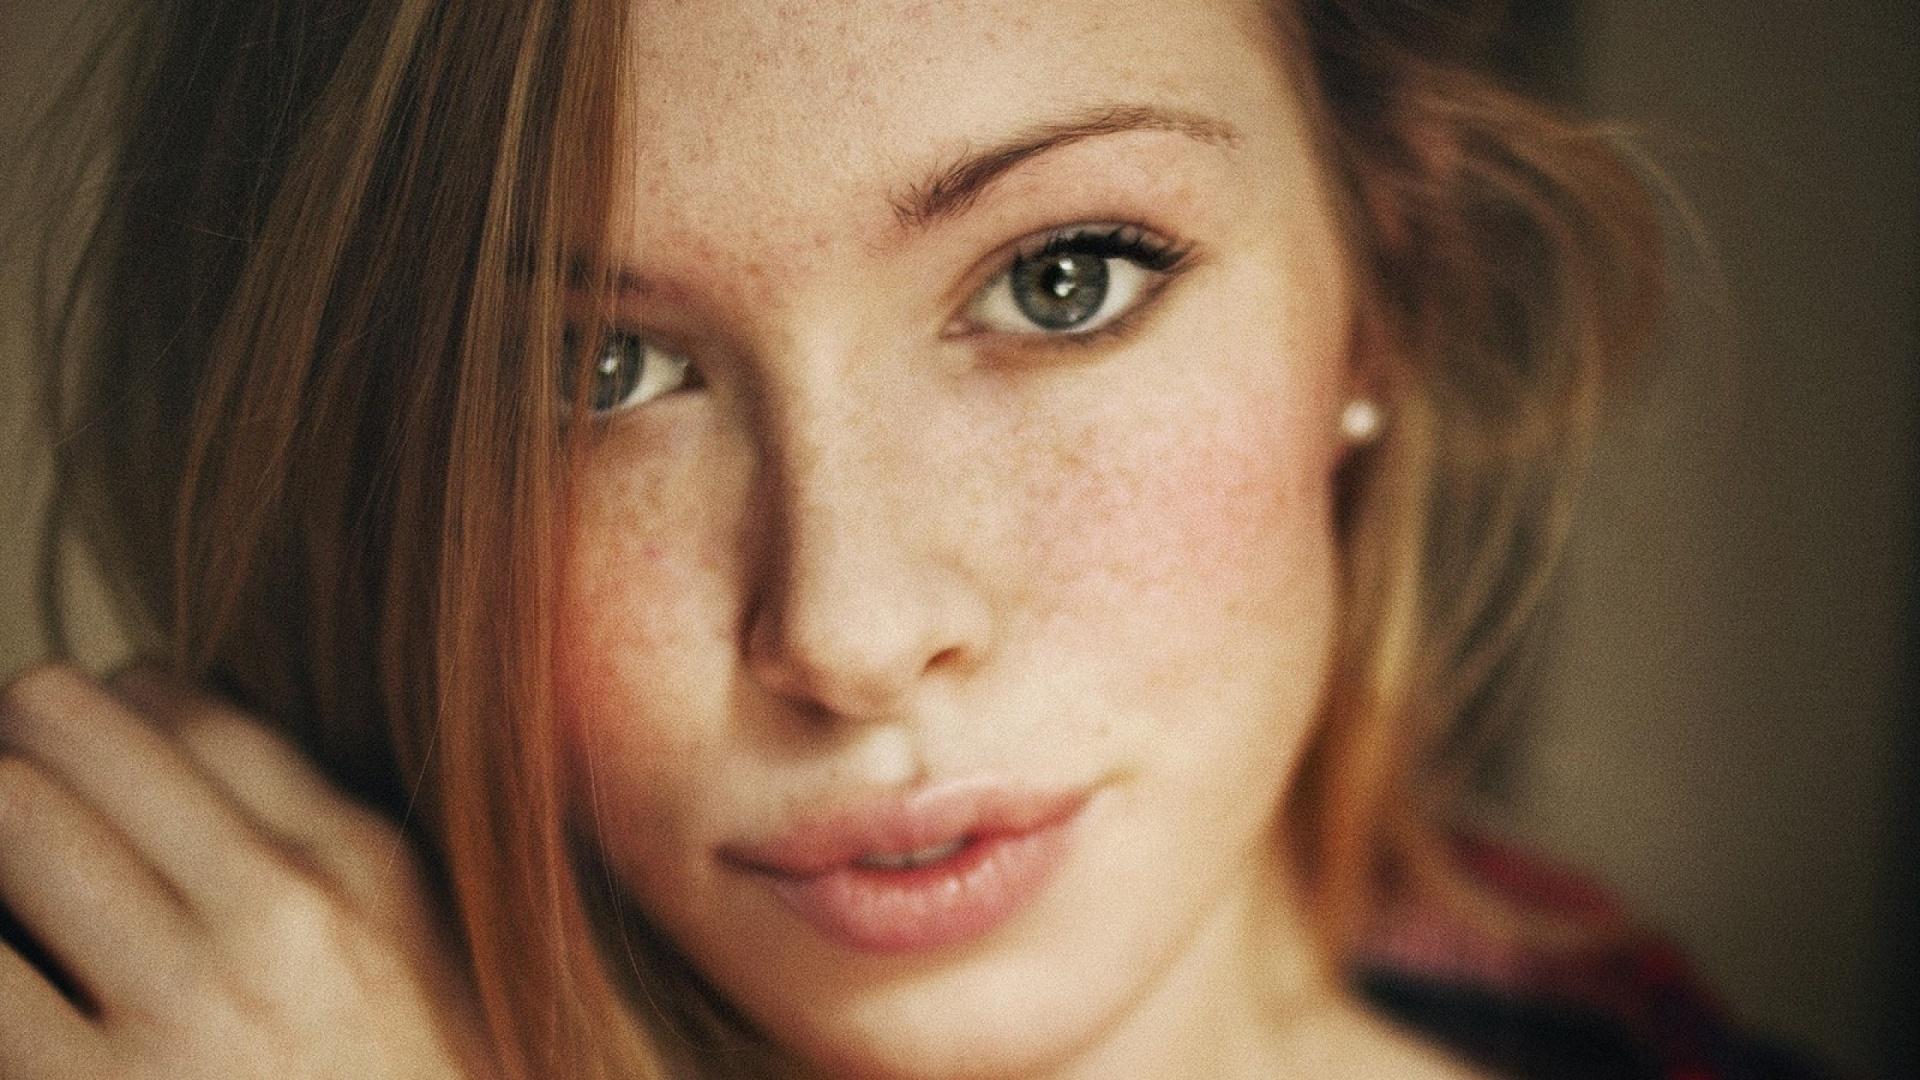 Jenni lee facial